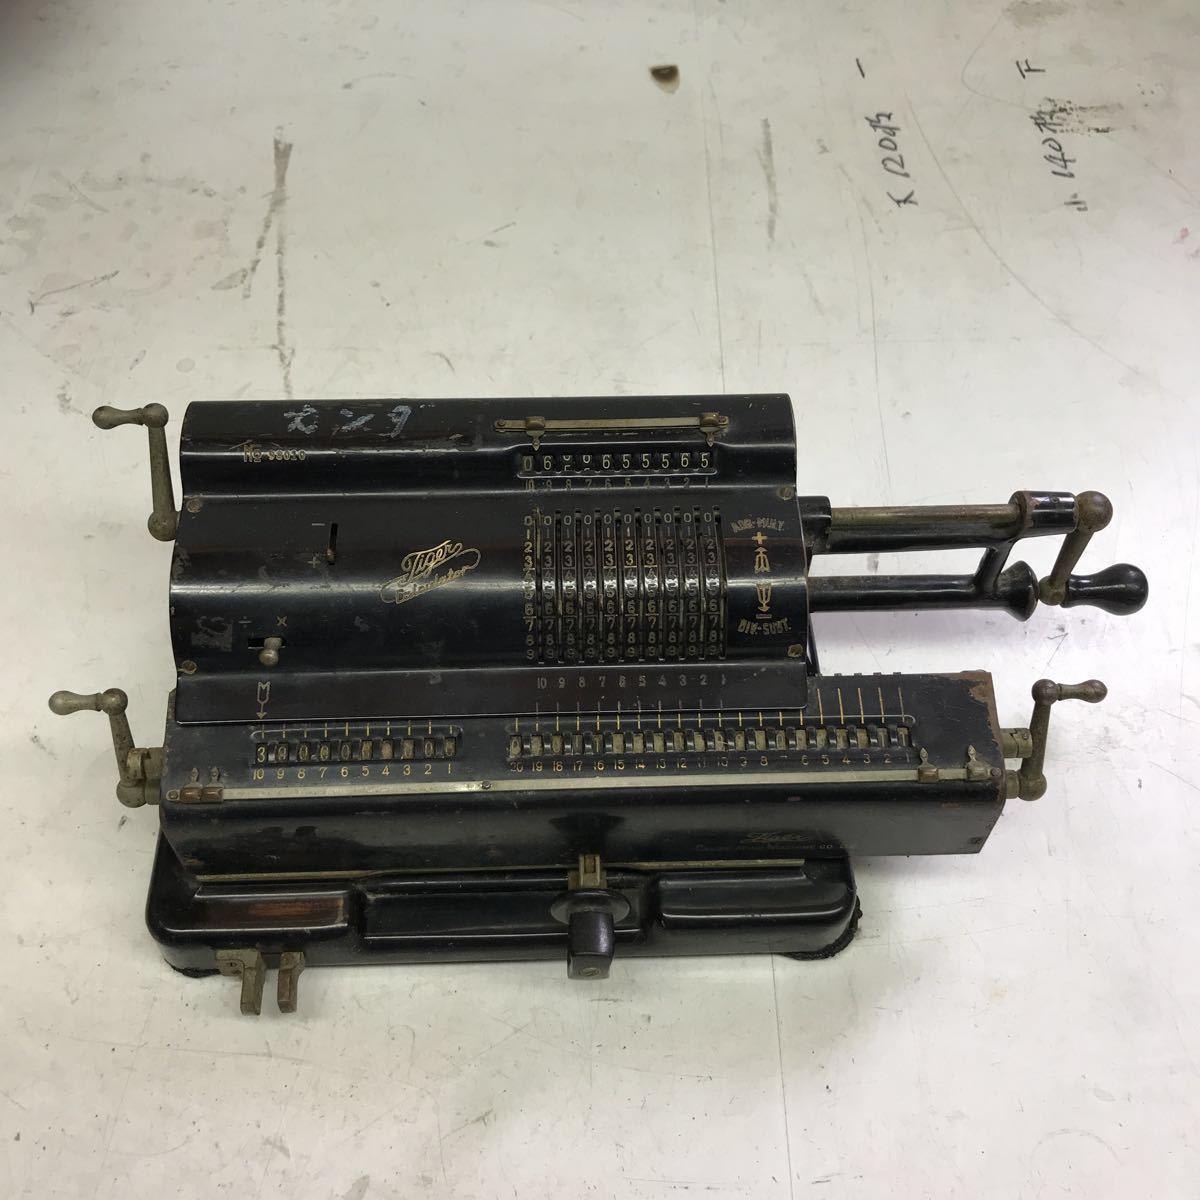 Tiger calculator タイガー計算機手回し 黒 ブラック 昭和レトロ タイガー 機械式計算機 アンティーク 手動式